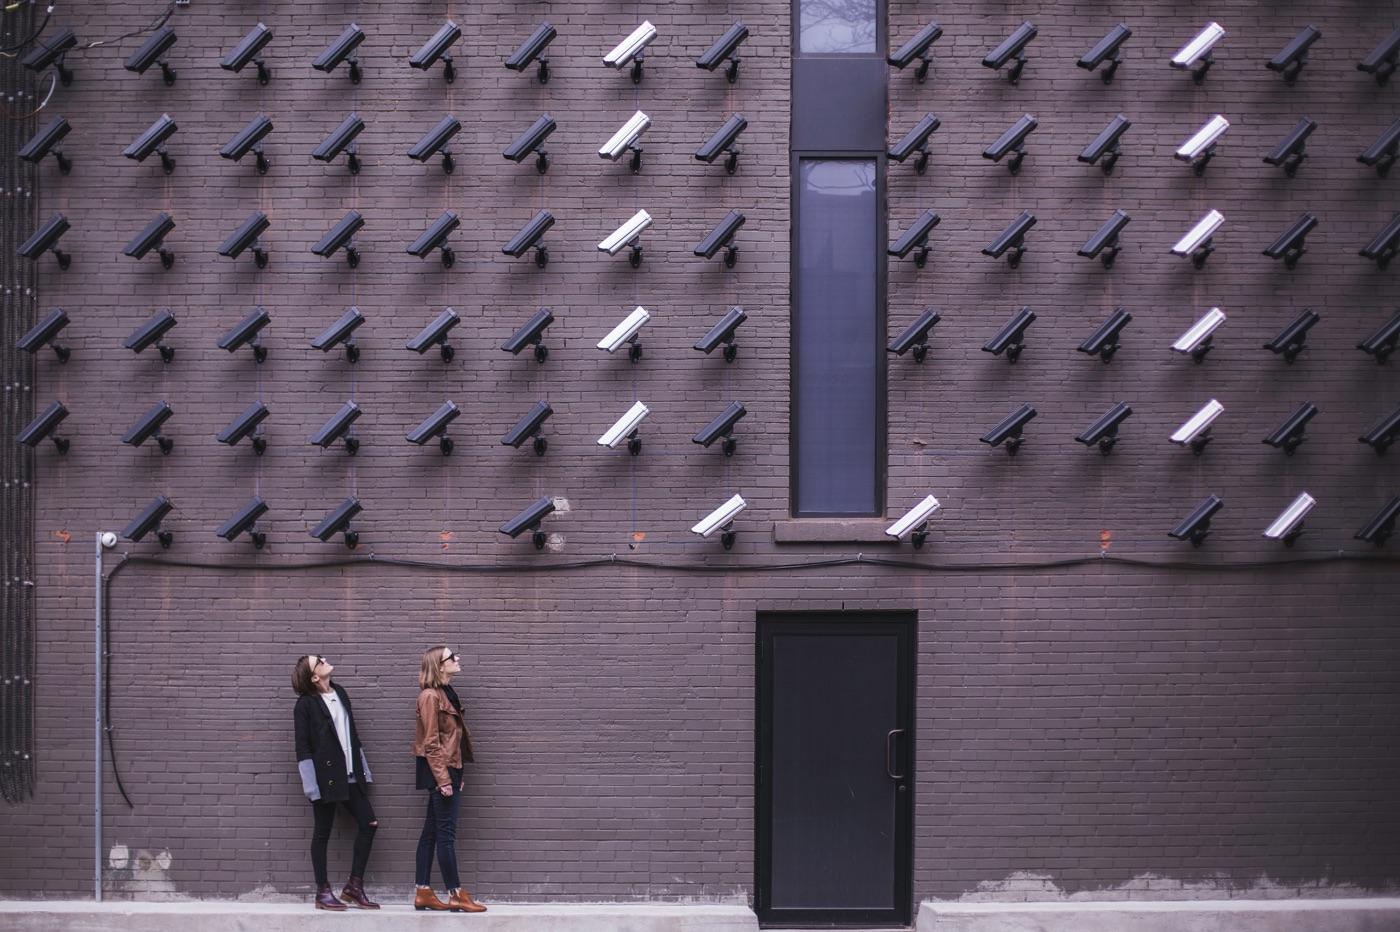 Le cryptage de bout en bout des WhatsApp, Telegram, iMessage, etc., bientôt illégal aux USA ? 1